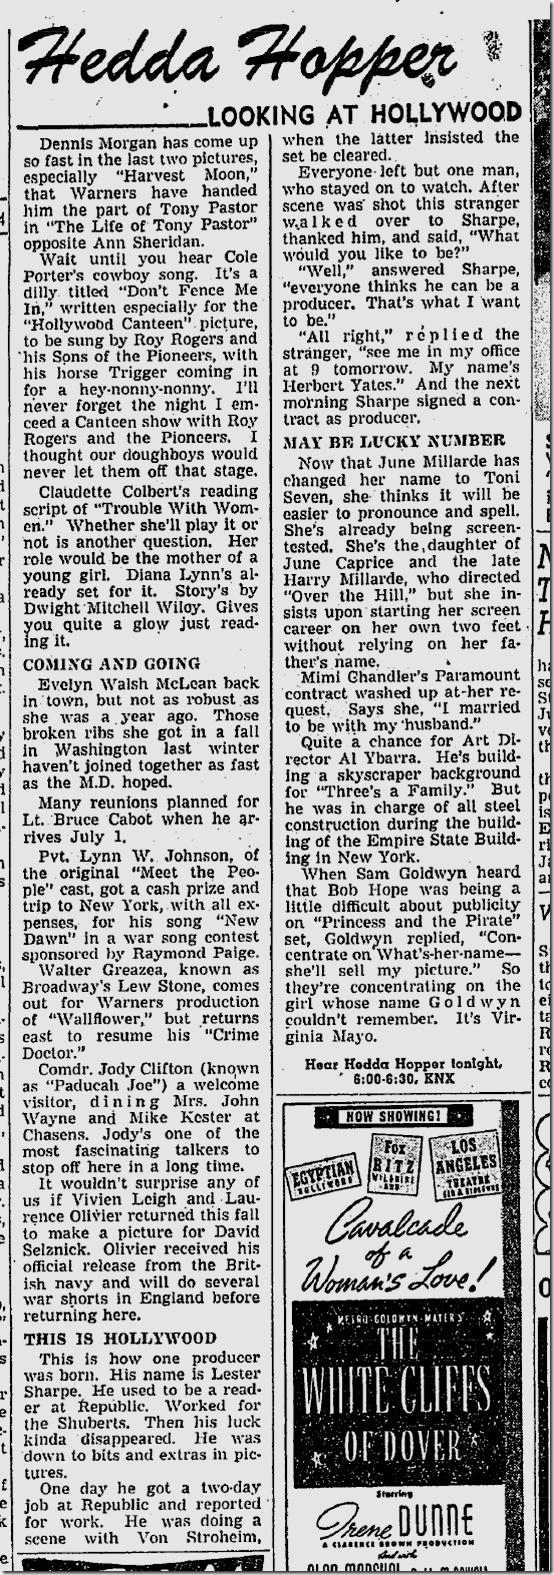 June 24, 1944, Hedda Hopper